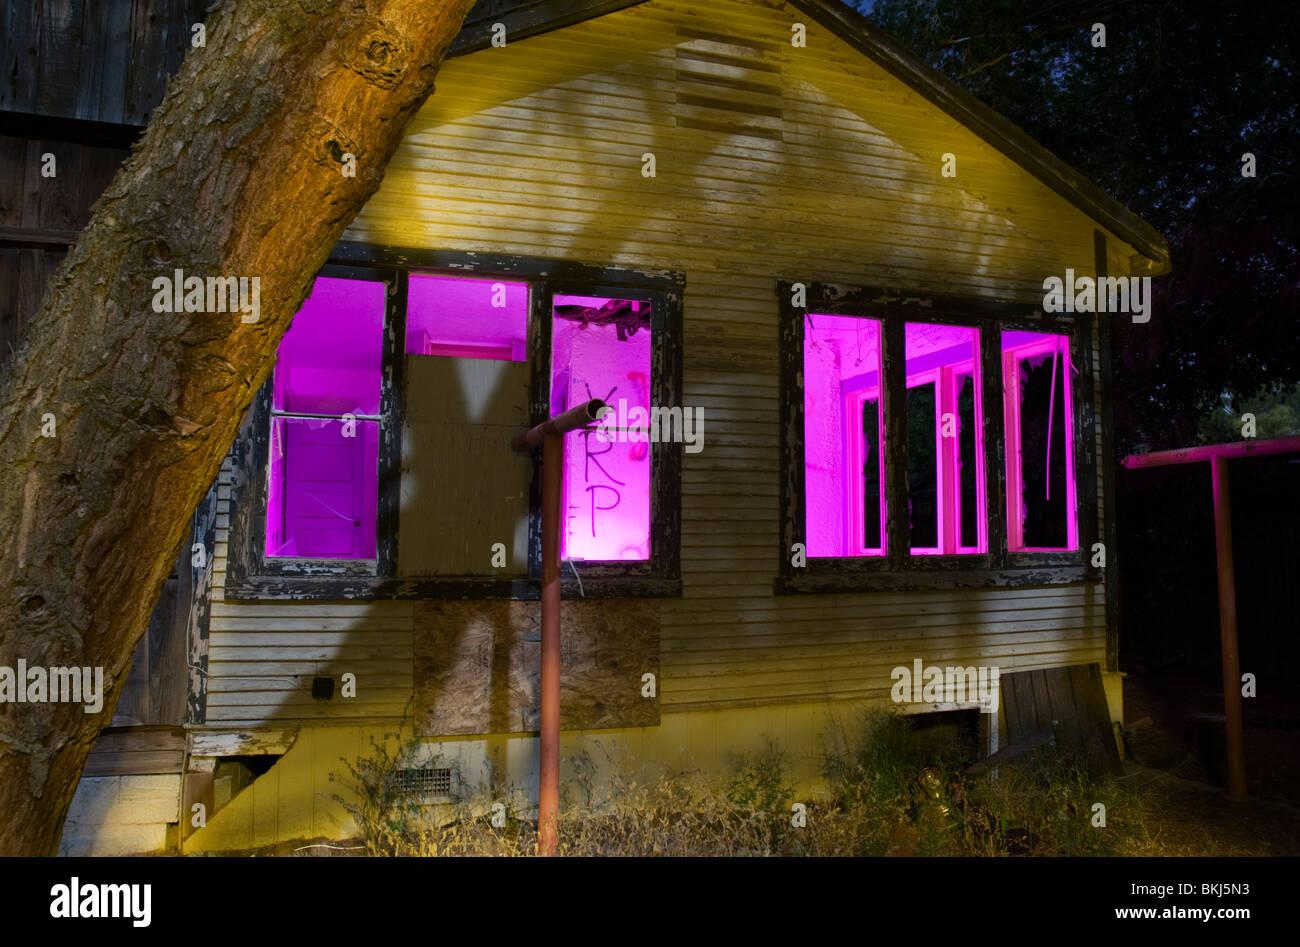 Una casa abandonada, foto tomada usando el 'pintura con luz' en la noche. Foto de stock